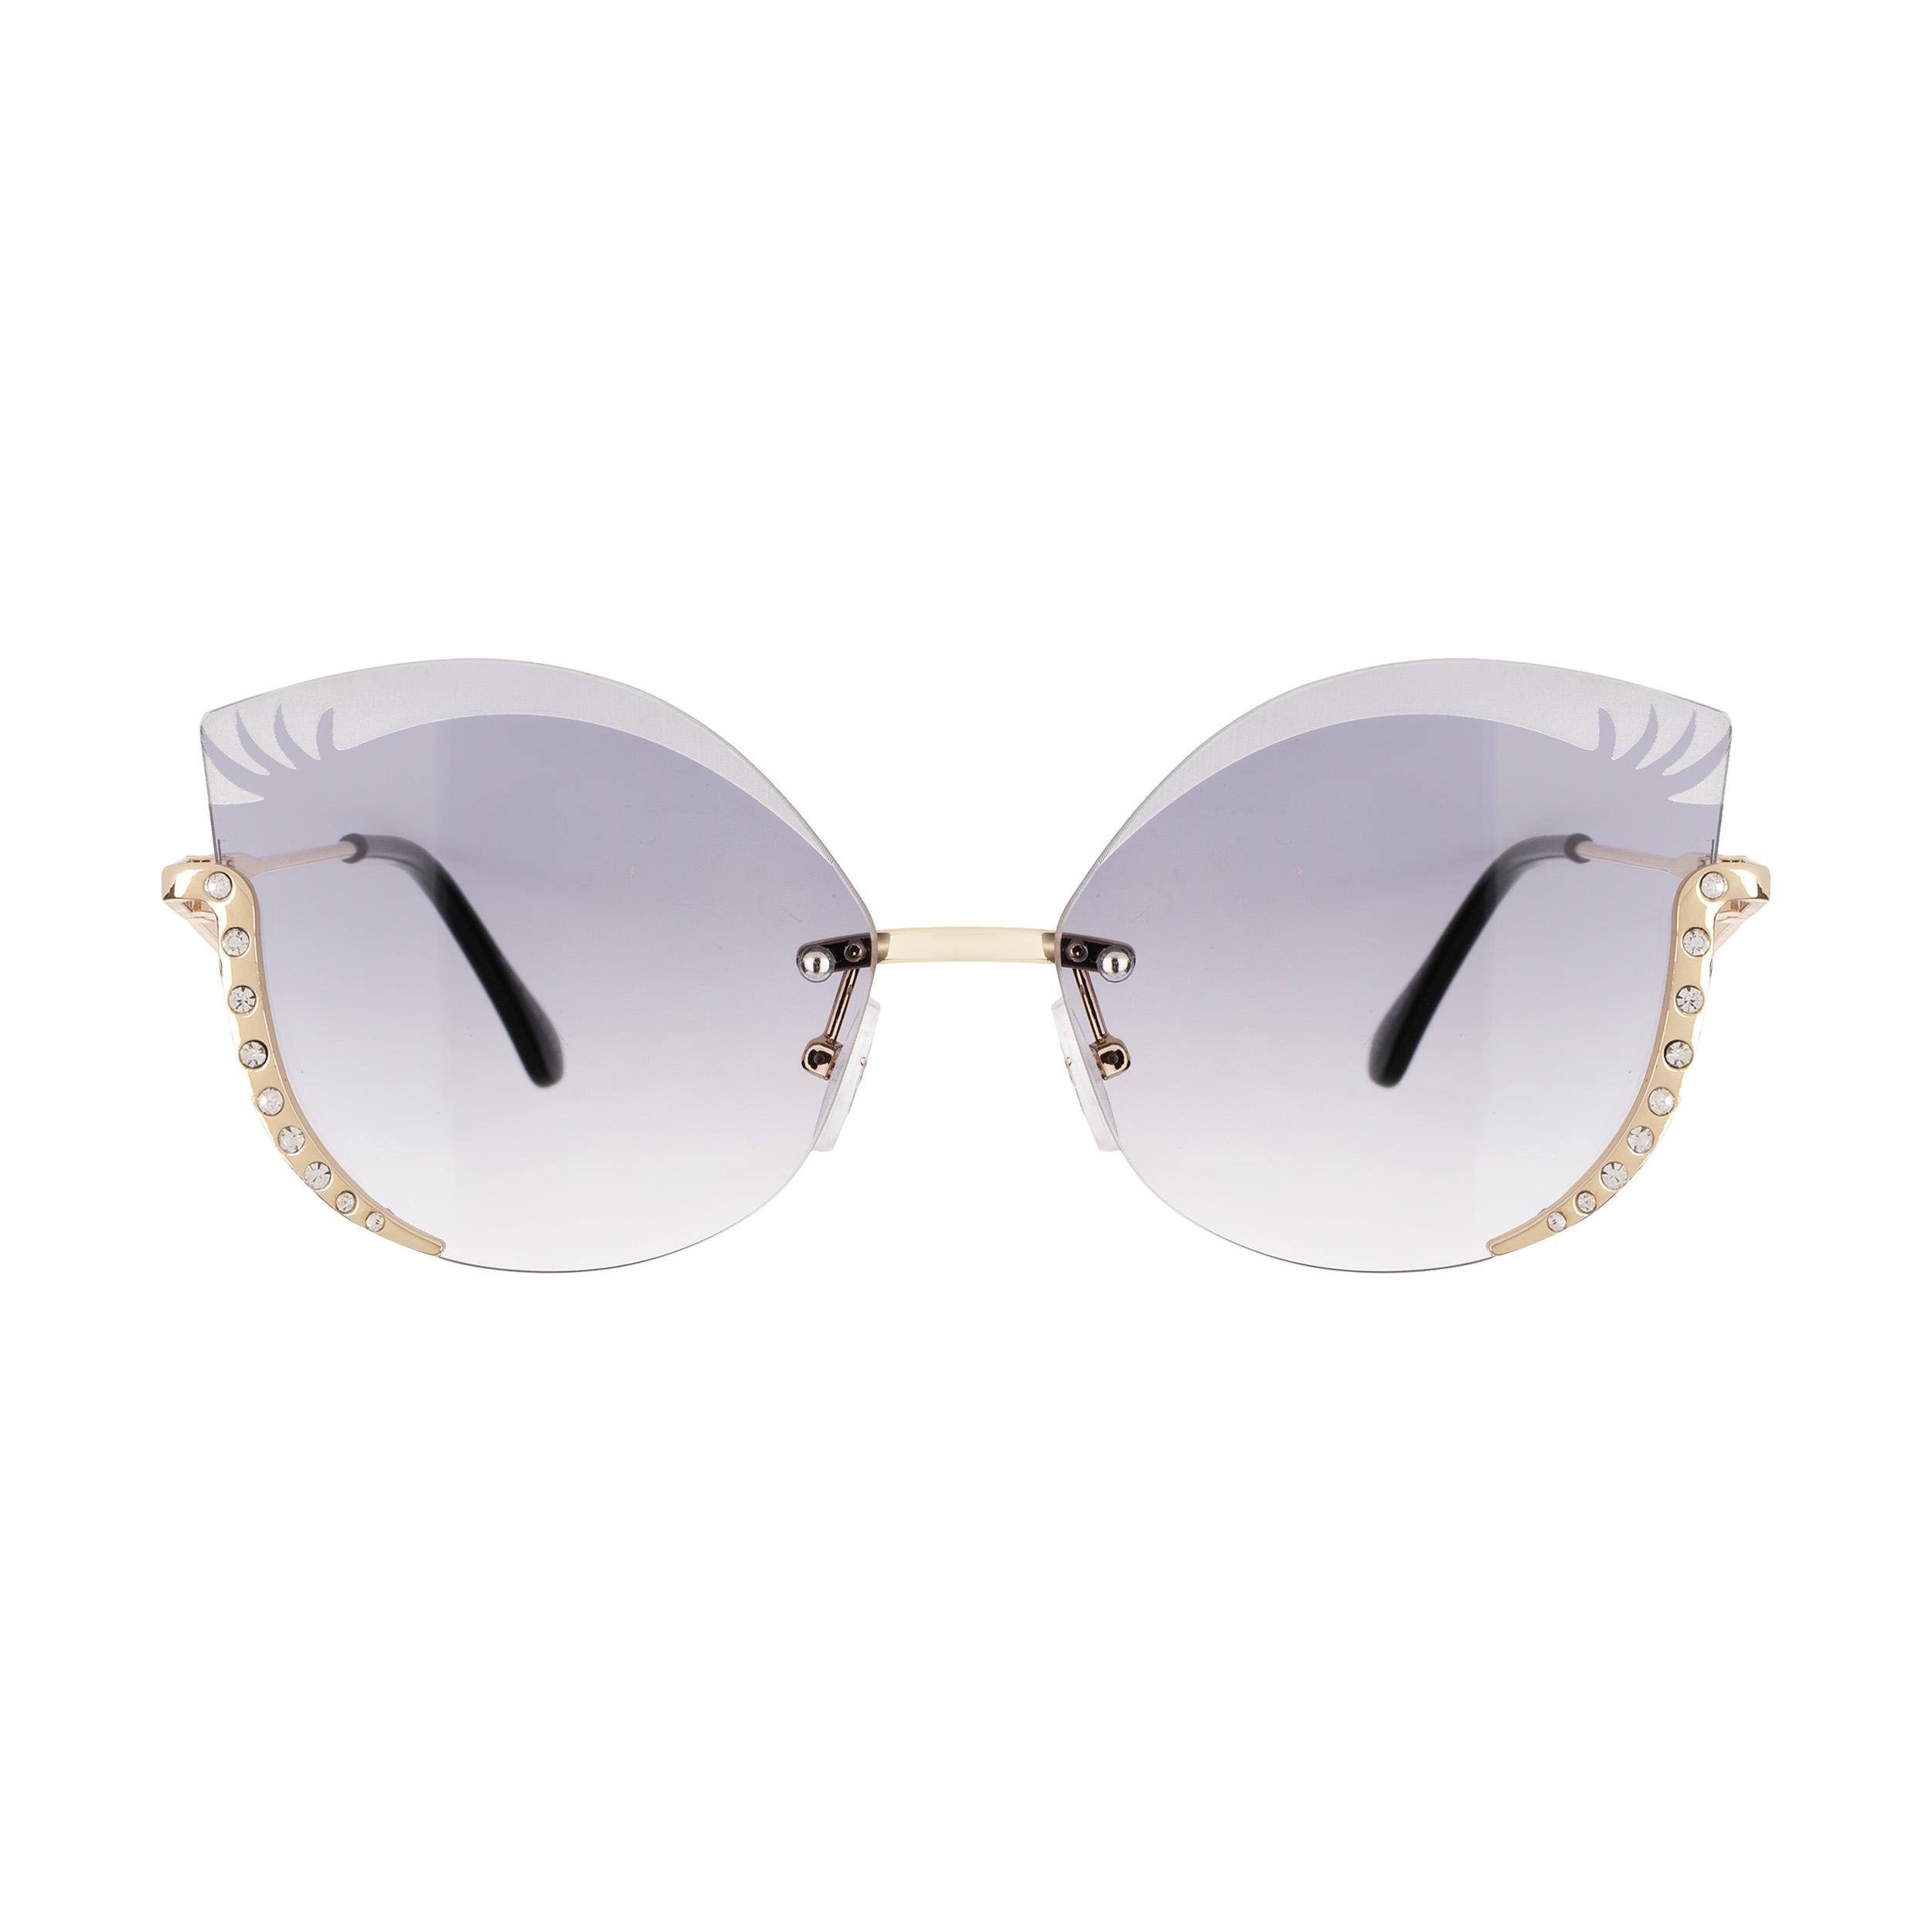 قیمت عینک آفتابی زنانه مدل JK-87965